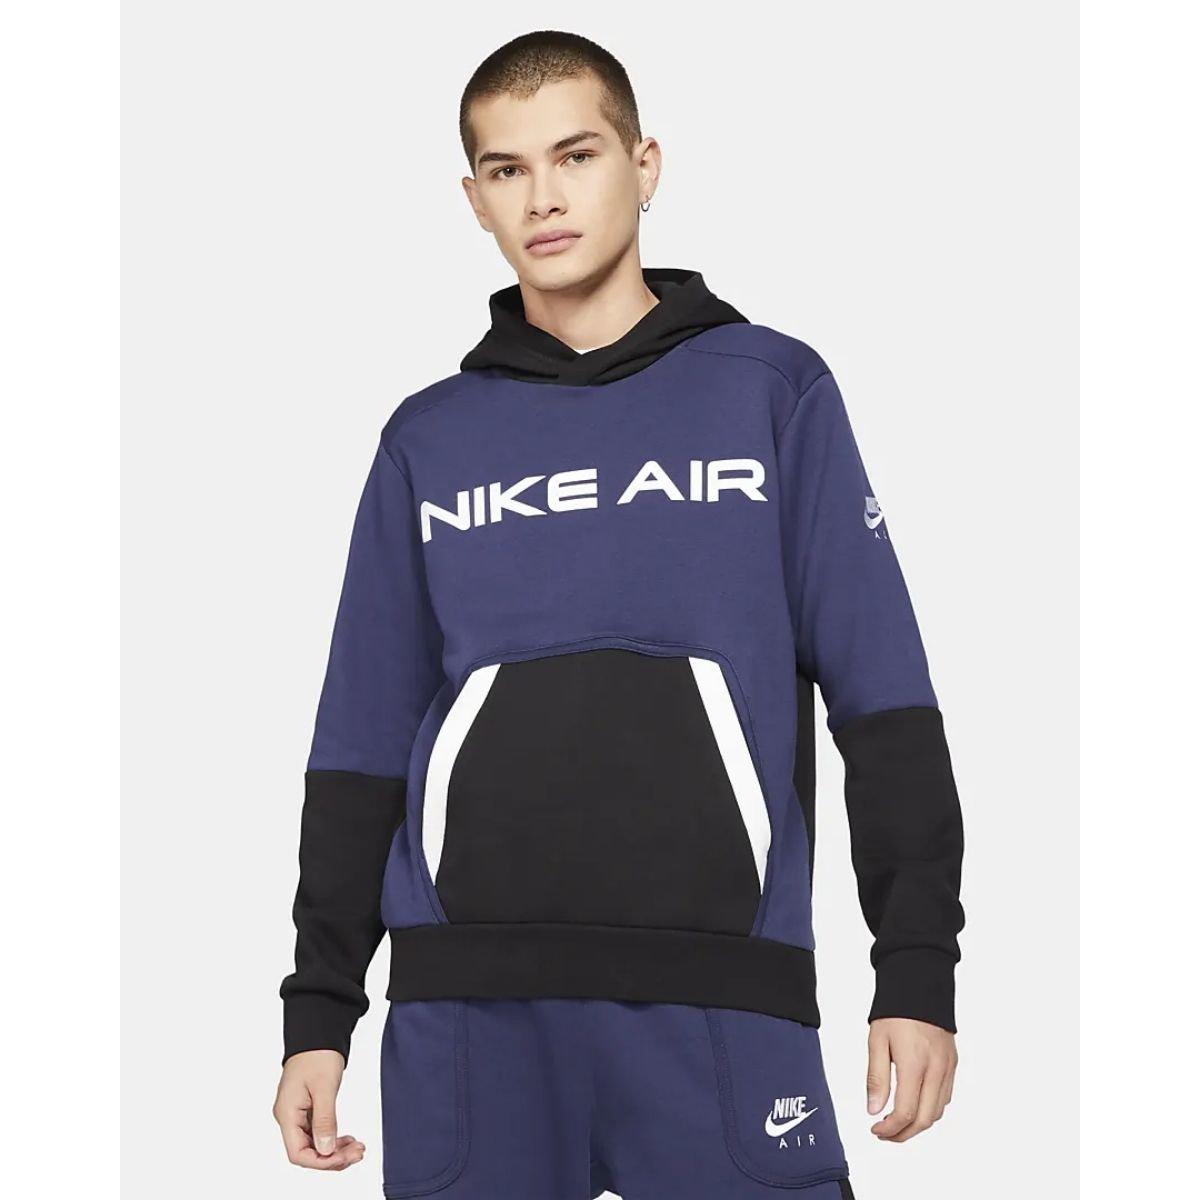 Felpa Nike Air Cappuccio...